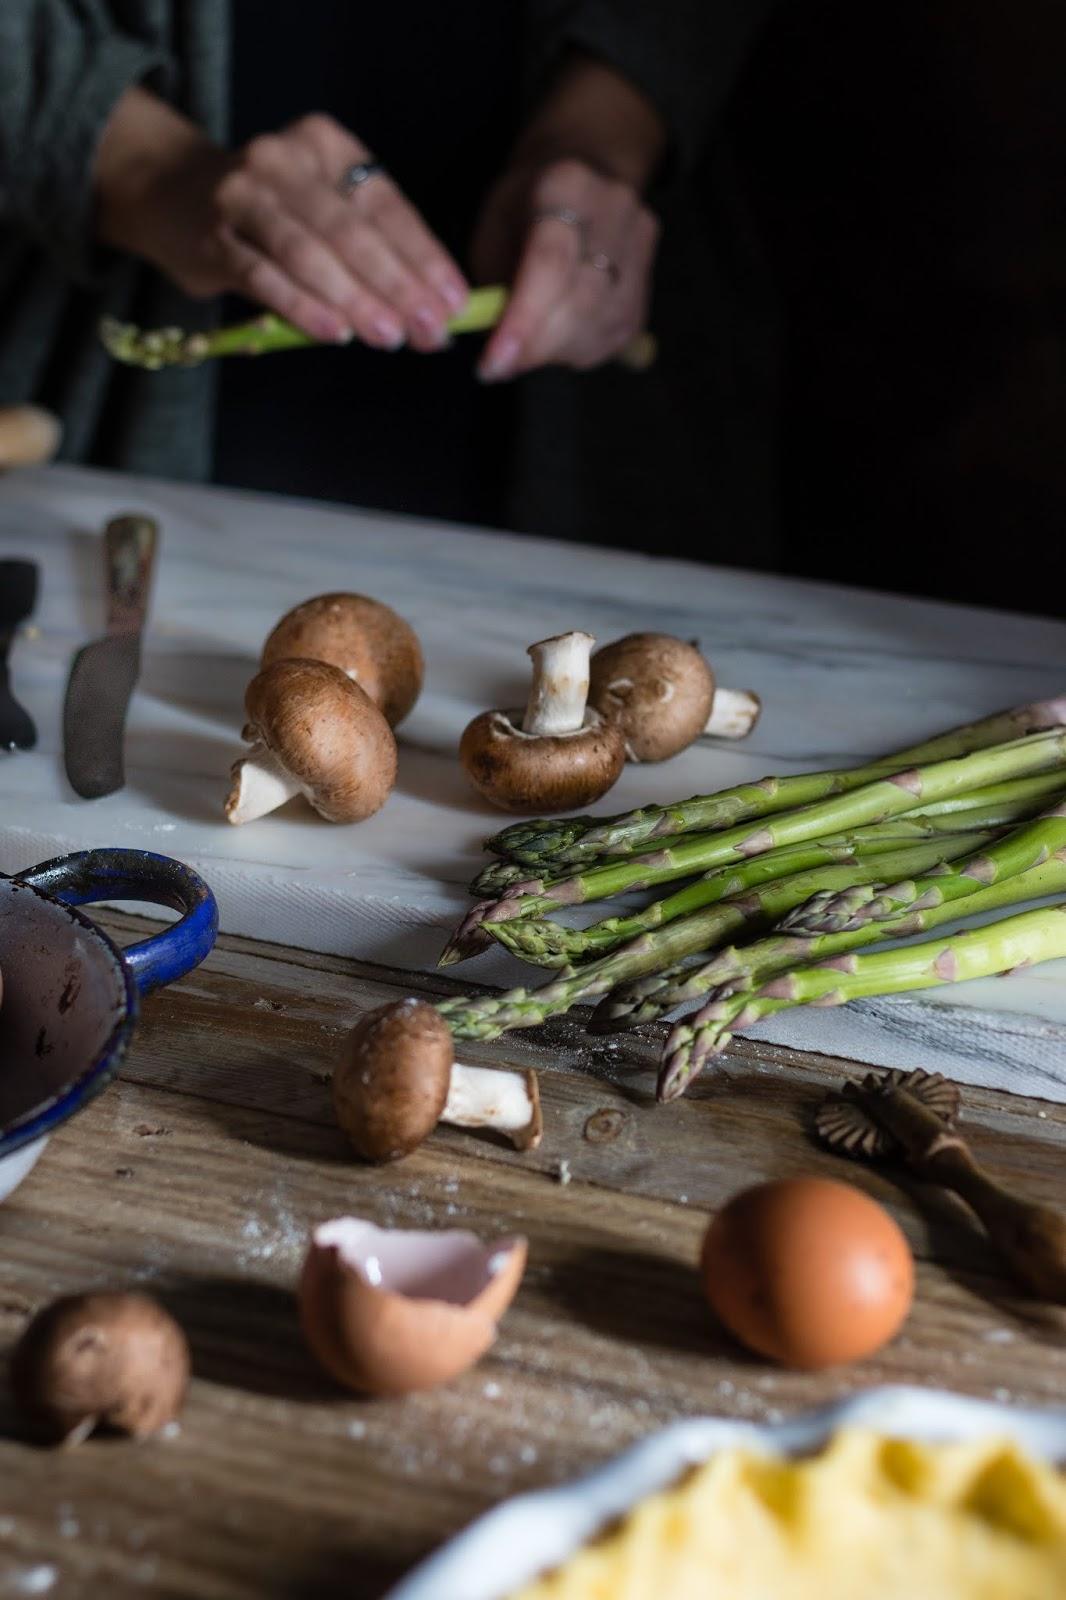 tarte de espargos e cogumelos